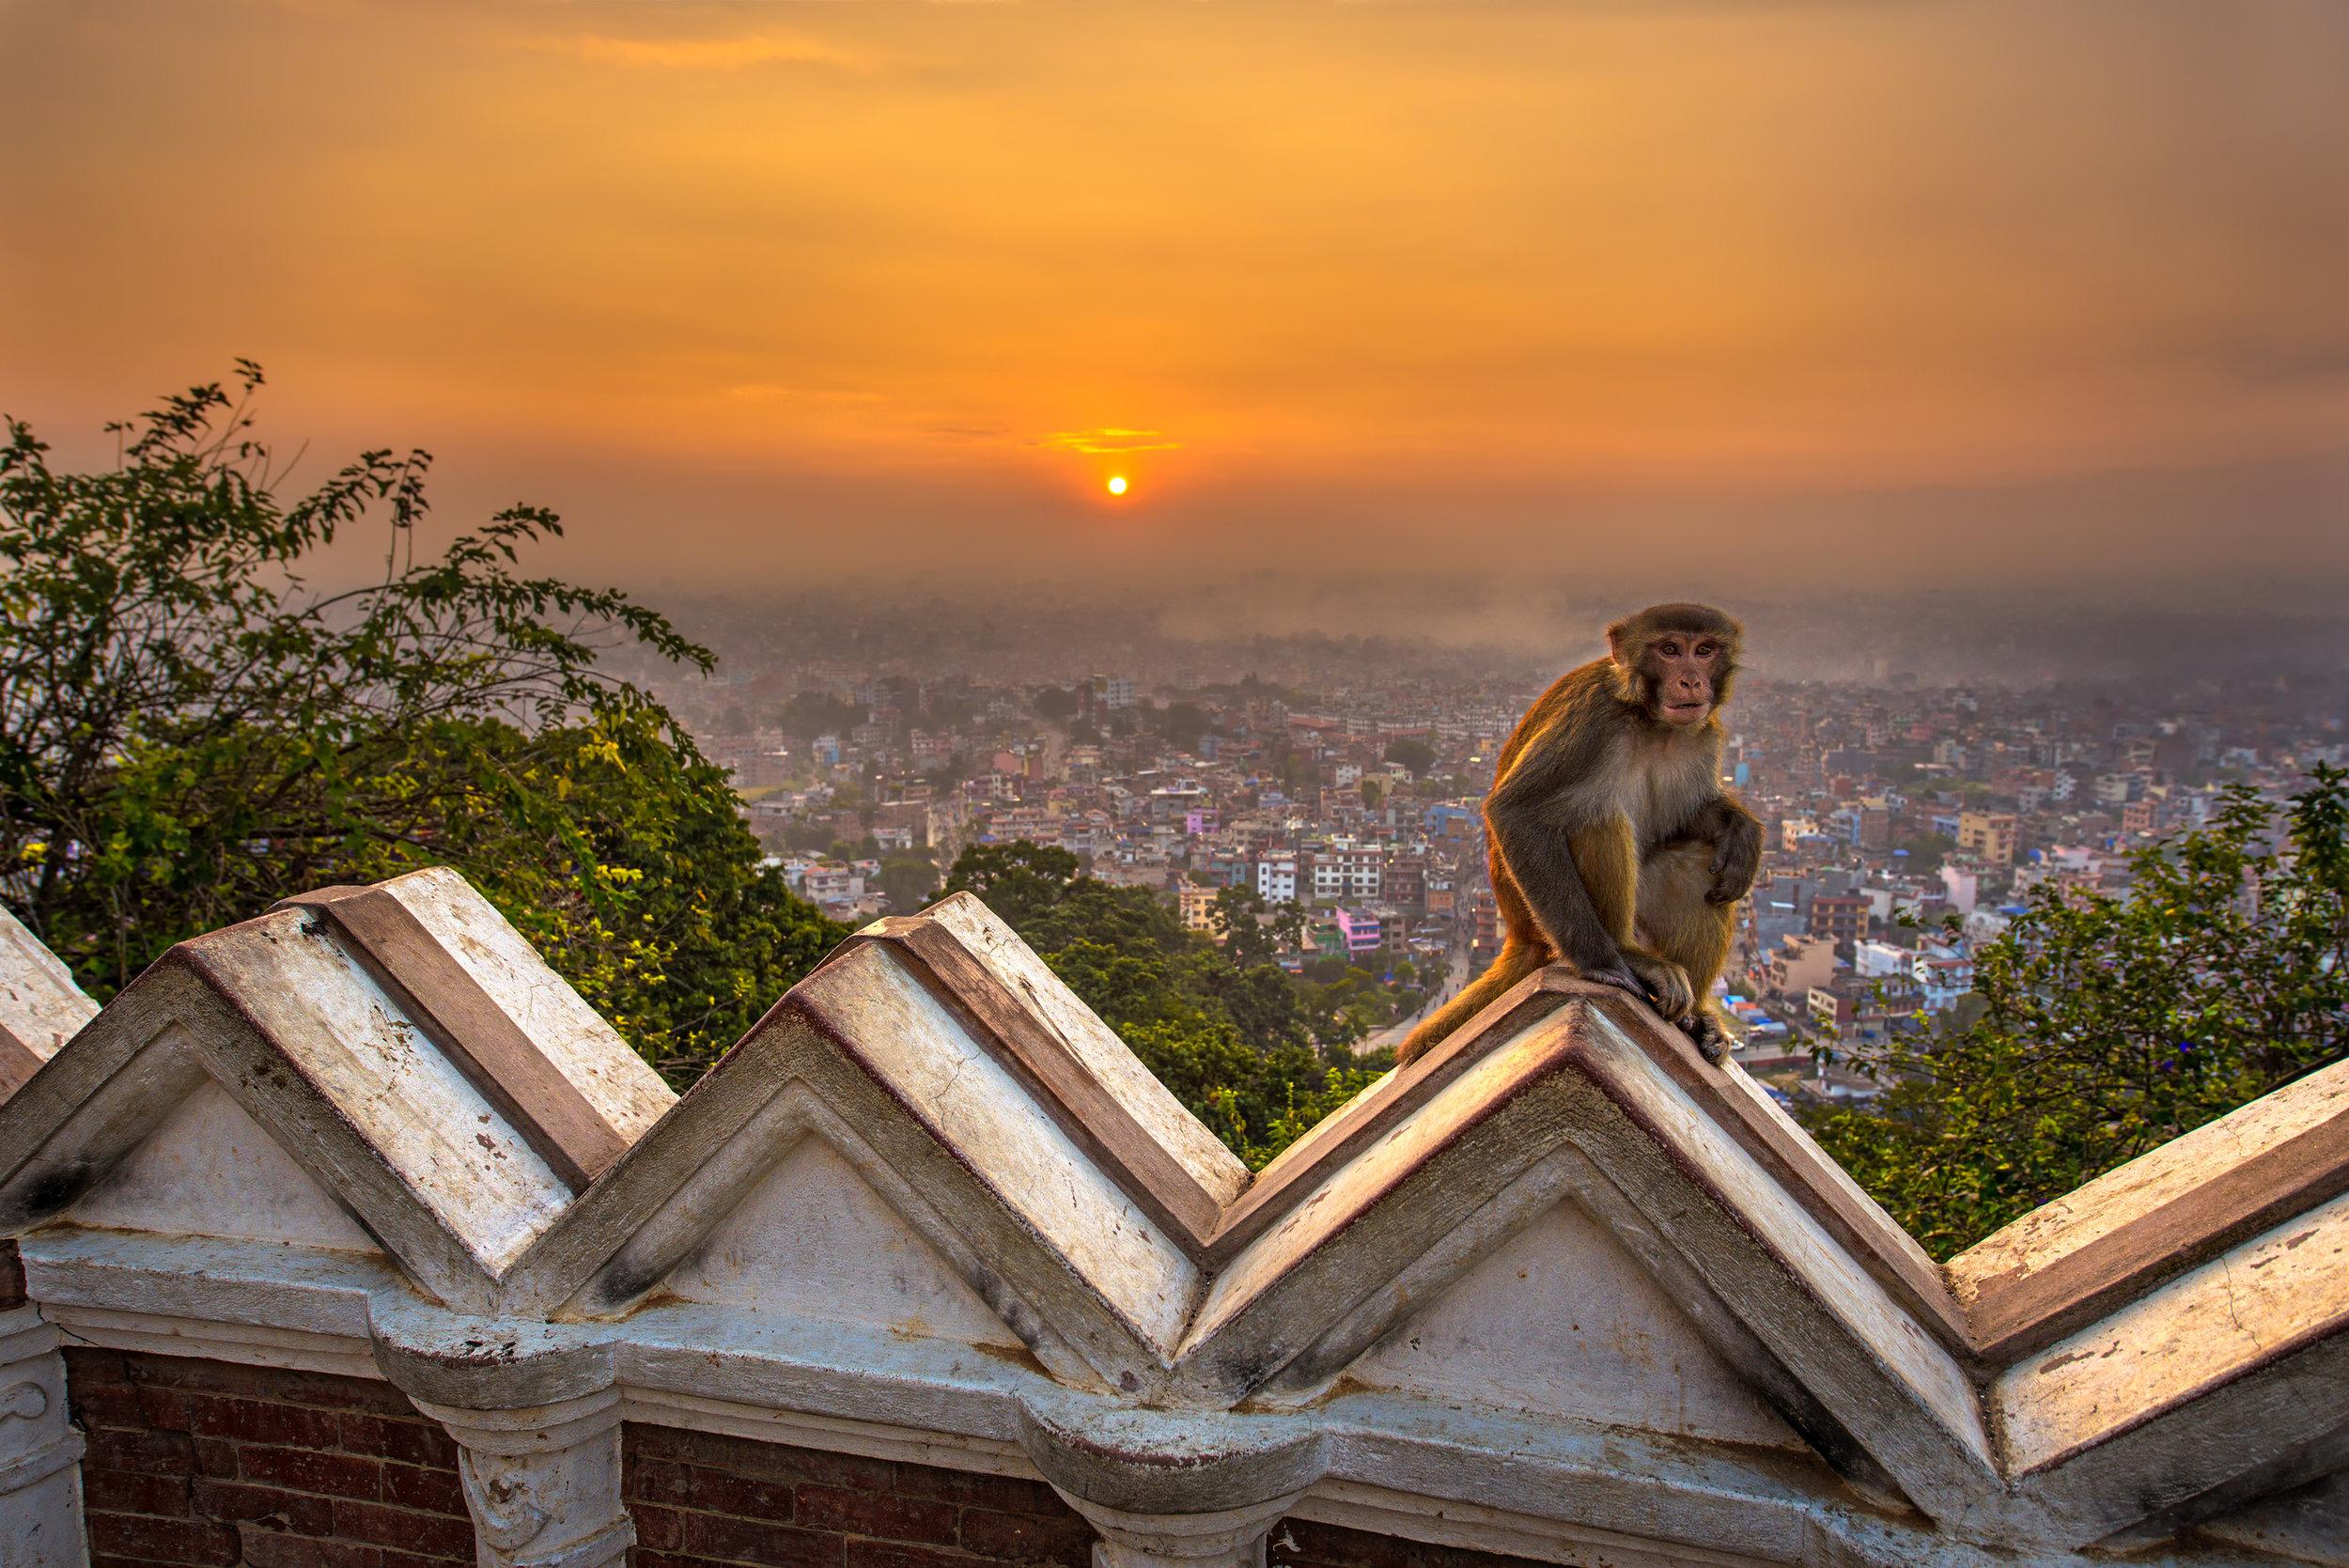 nepal_kathmandu_bigstock--219357433.jpg